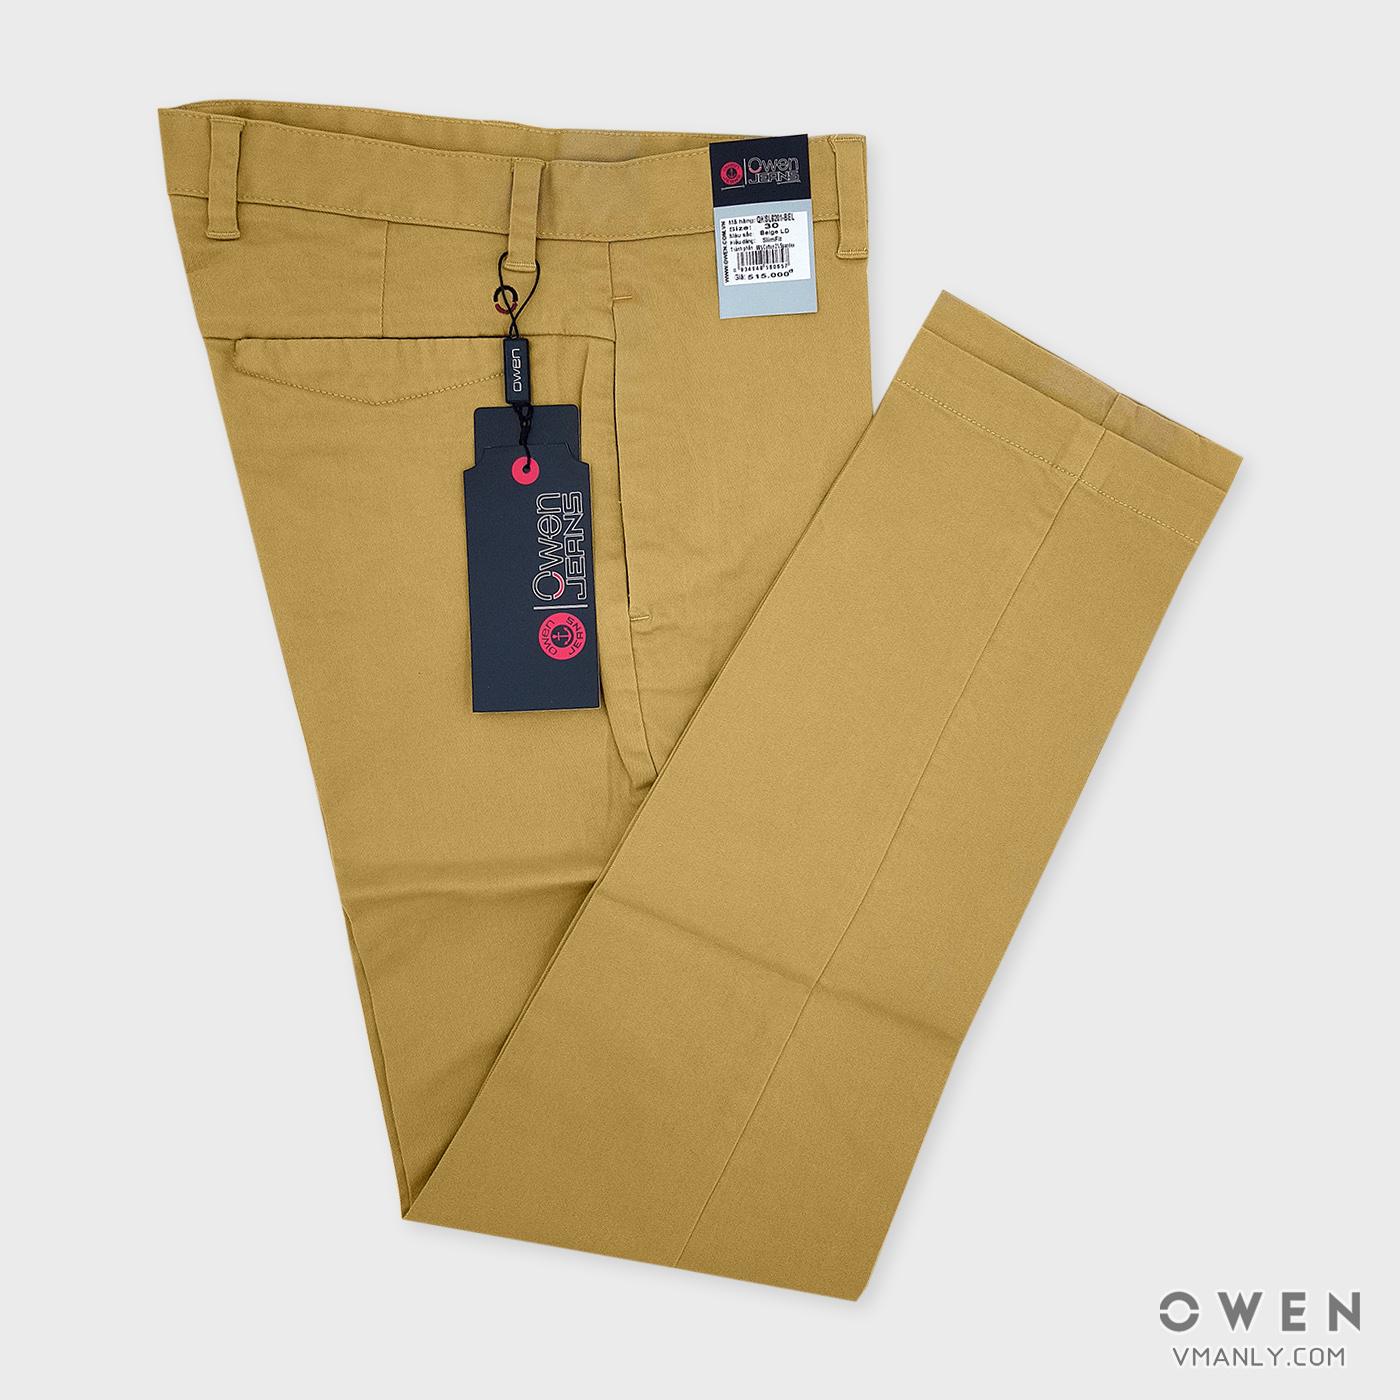 Quần kaki Owen không li slimfit màu be vàng QKSL6201